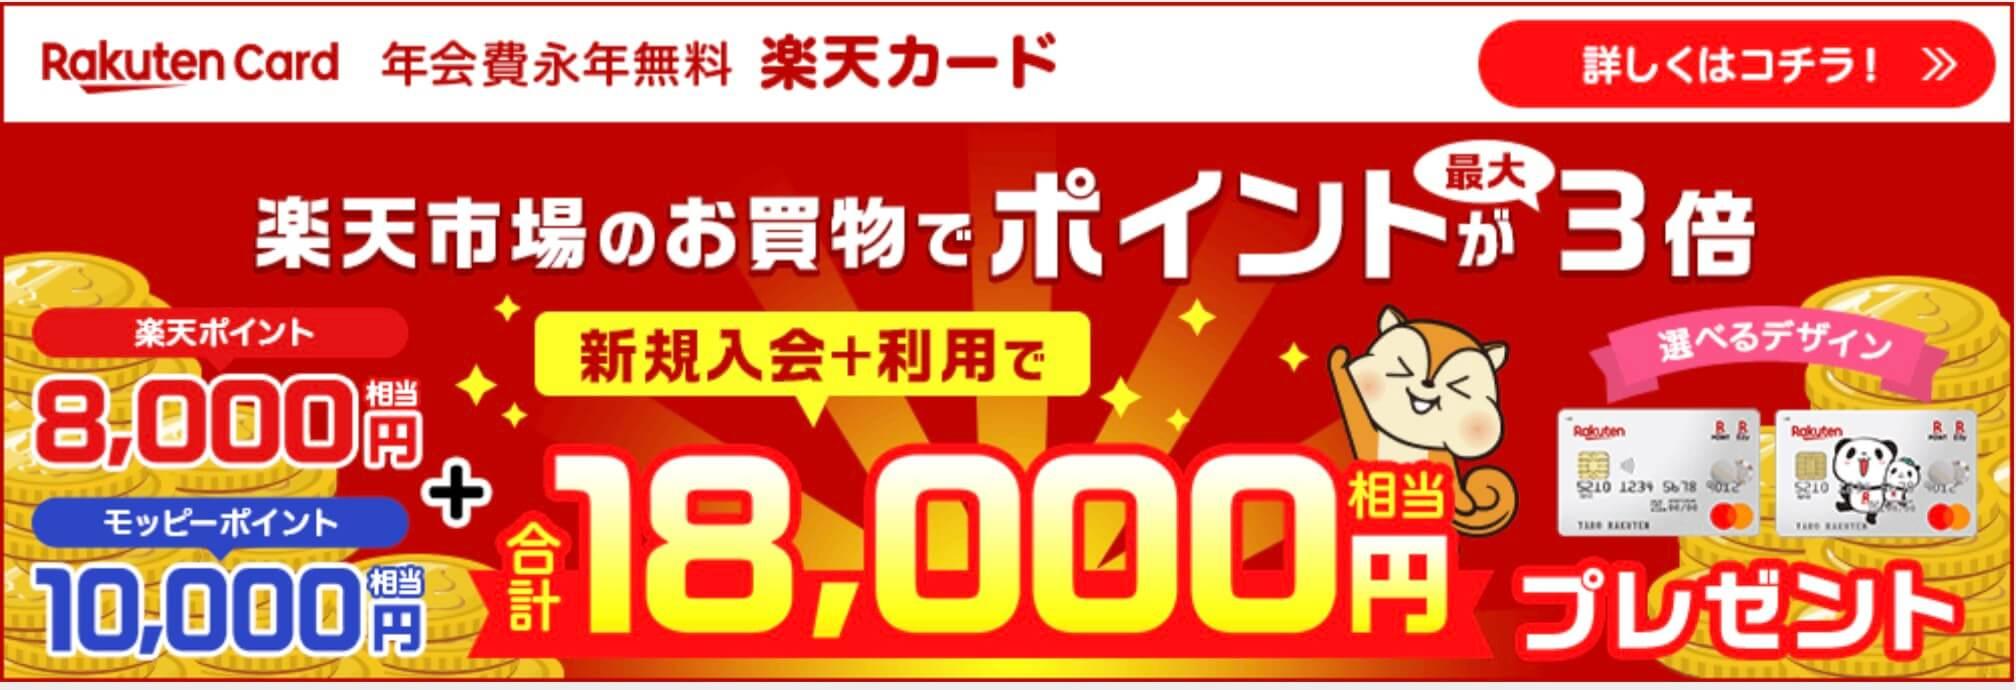 楽天カード発行で18,000円相当